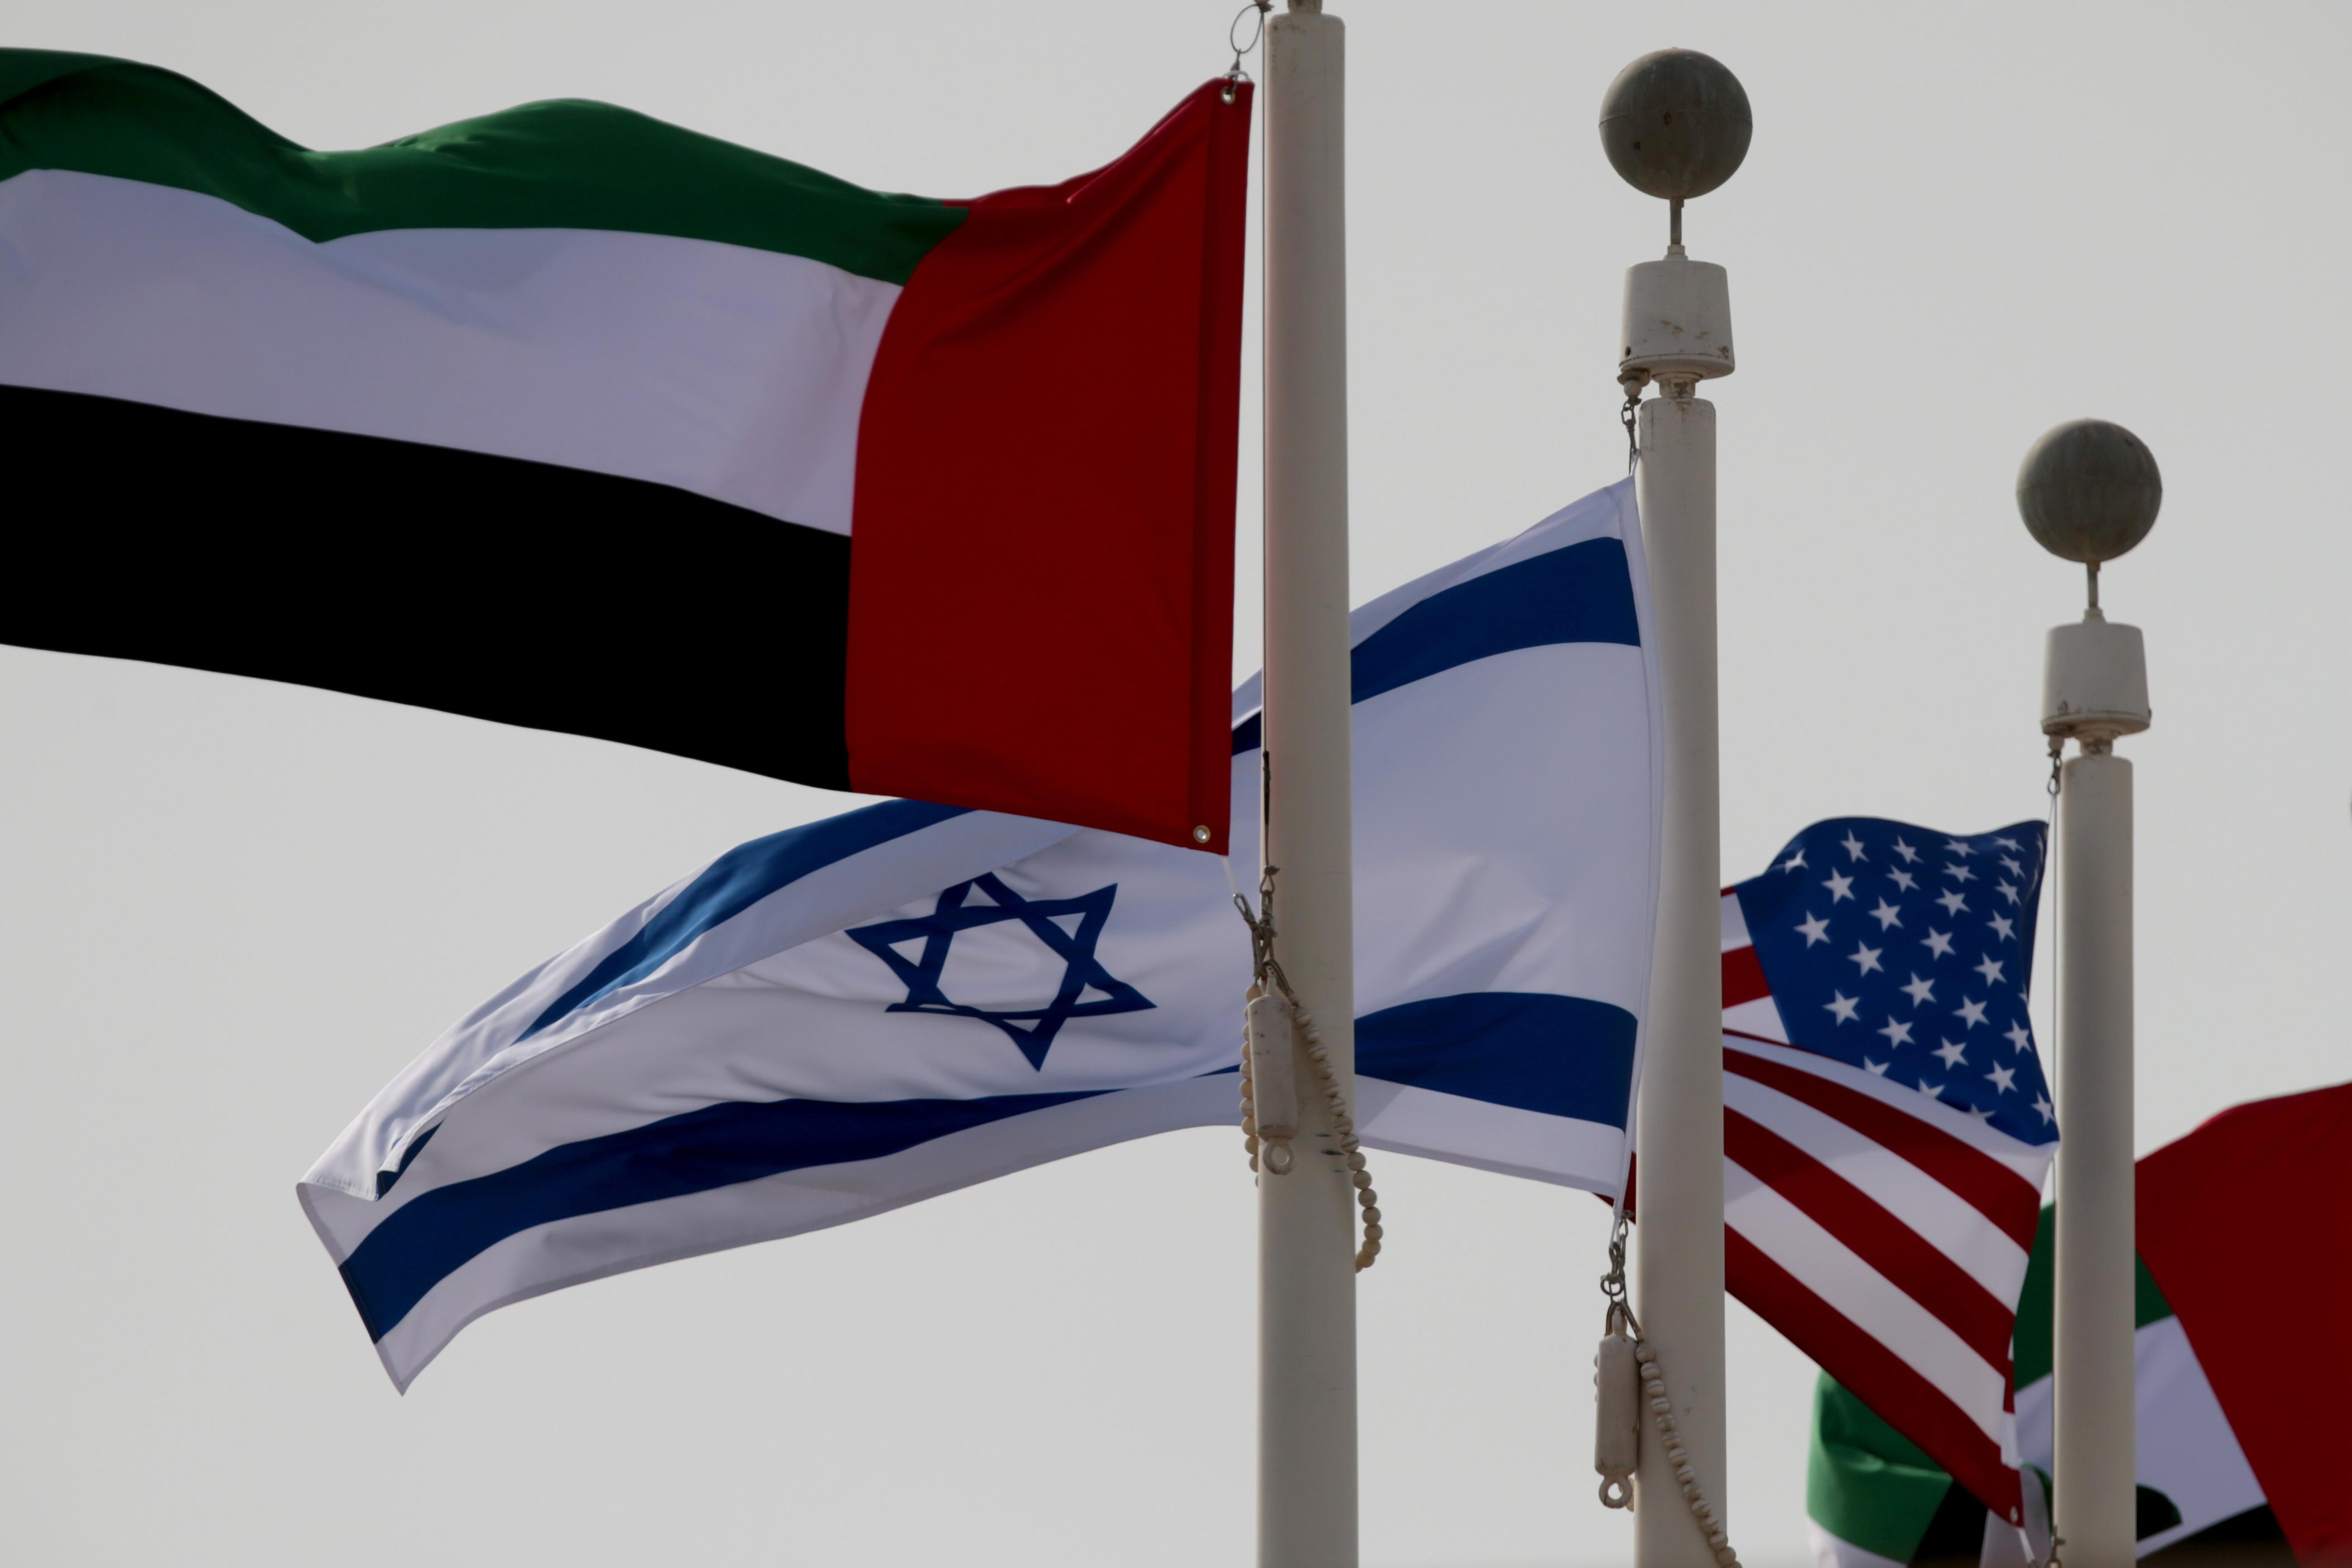 UEA, Israel dan Amerika serta bendera berkibar saat kedatangan delegasi Israel dan AS di Bandara Internasional Abu Dhabi, di Abu Dhabi, Uni Emirat Arab 31 Agustus 2020. REUTERS / Christopher Pike